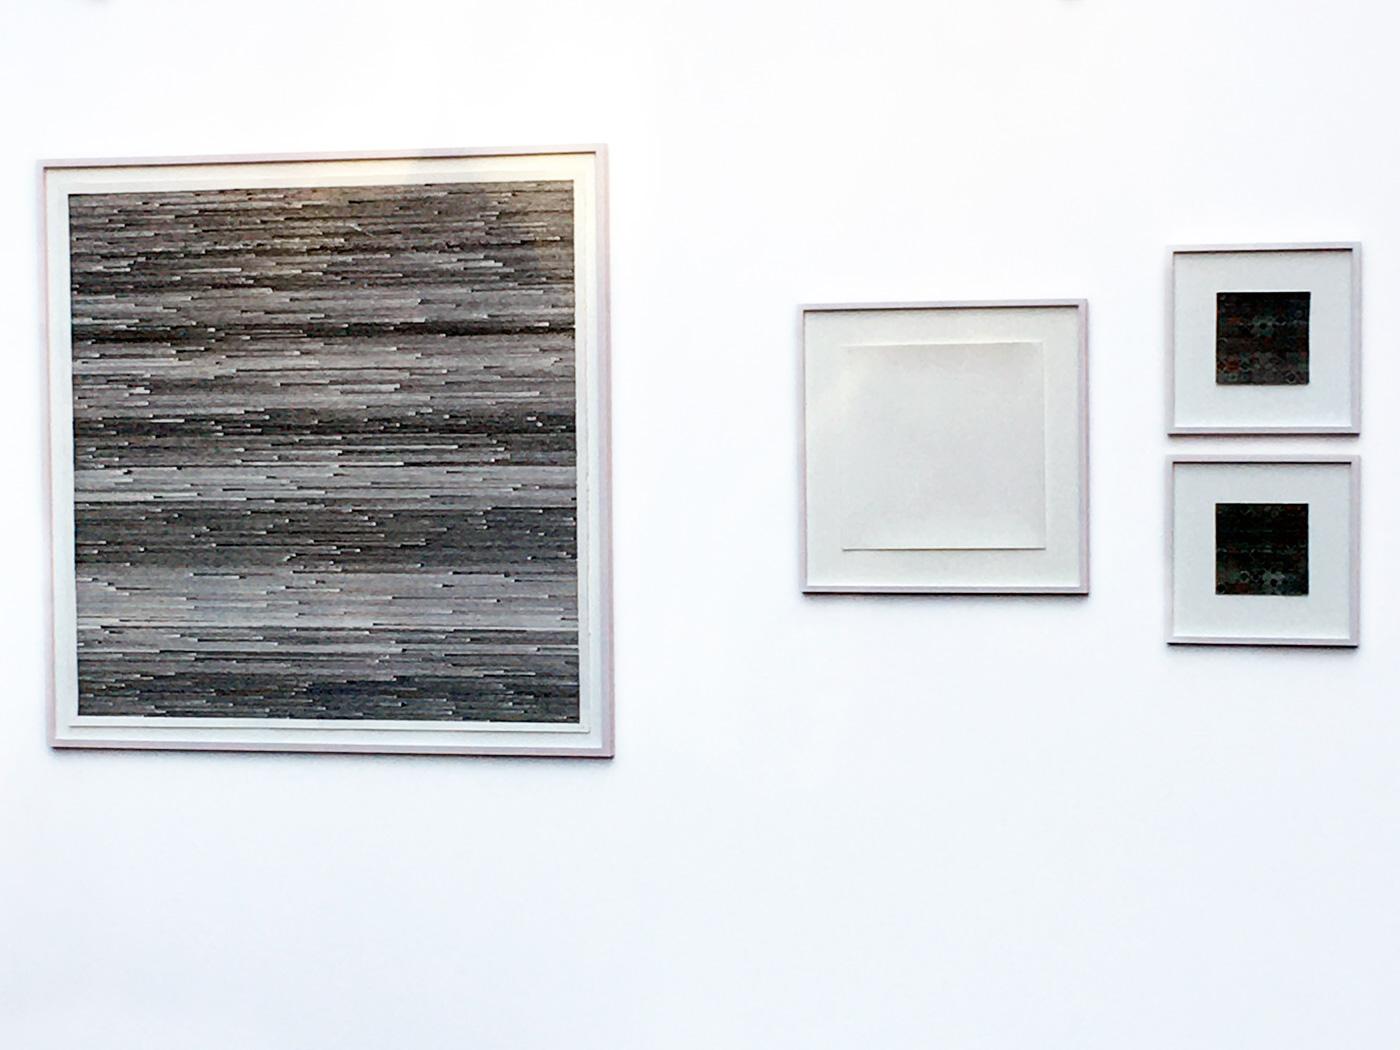 Arbeiten von John Schmitz 2021 | chiemgau-galerie augustin